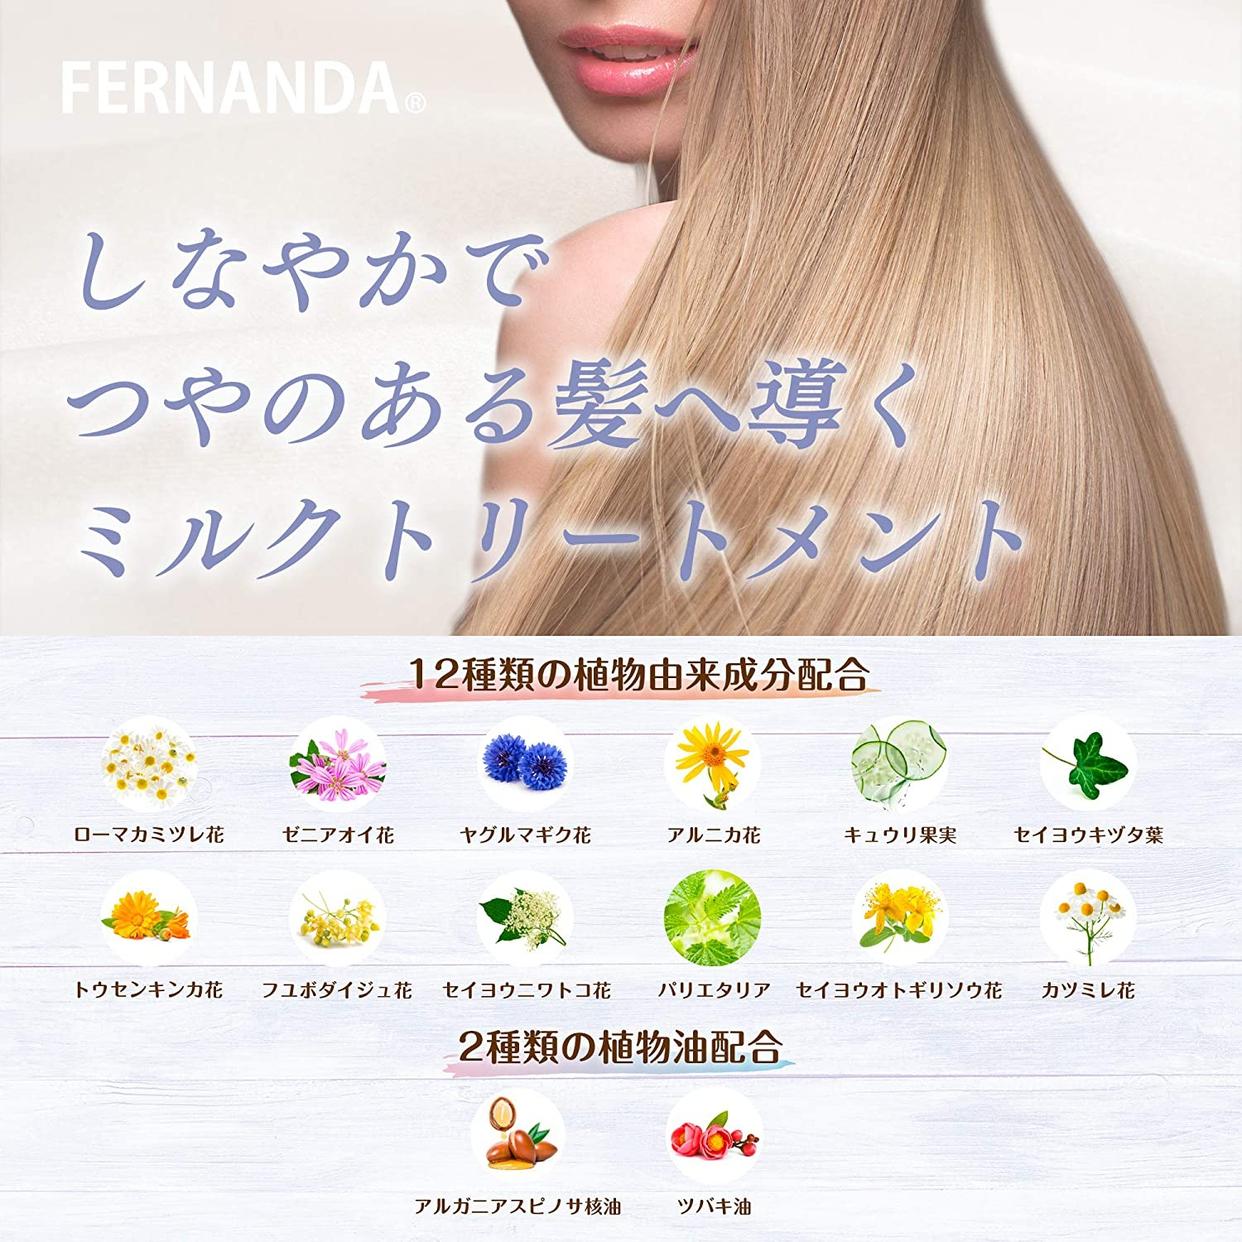 FERNANDA(フェルナンダ) フレグランスヘアミルクの商品画像4